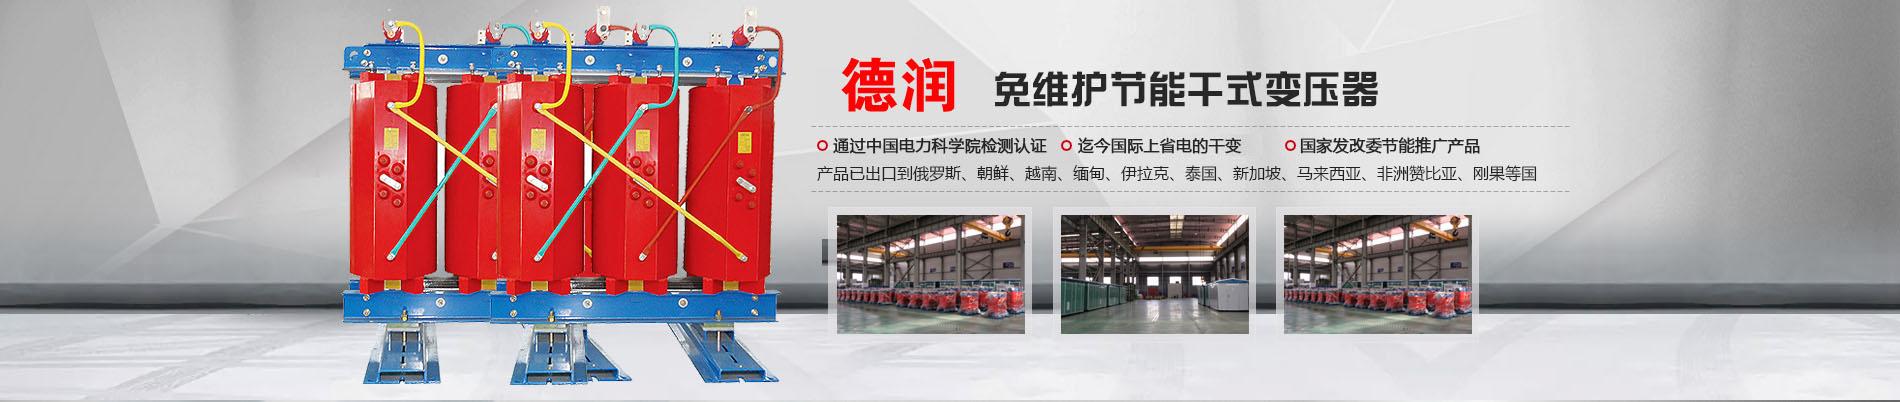 淮北干式变压器厂家